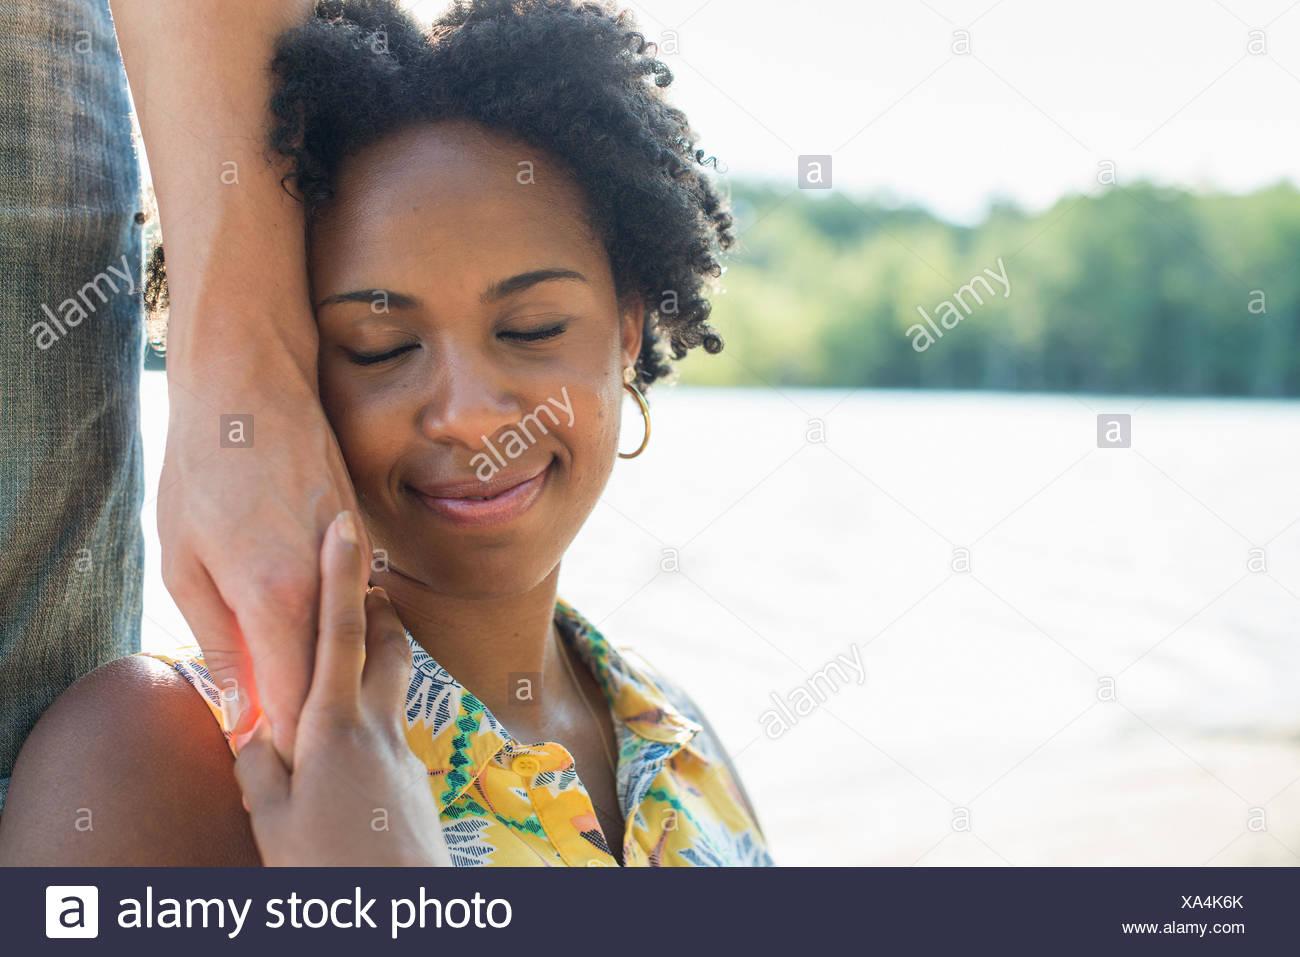 Una mujer sosteniendo la mano de una persona a su mejilla y sonriente. Foto de stock